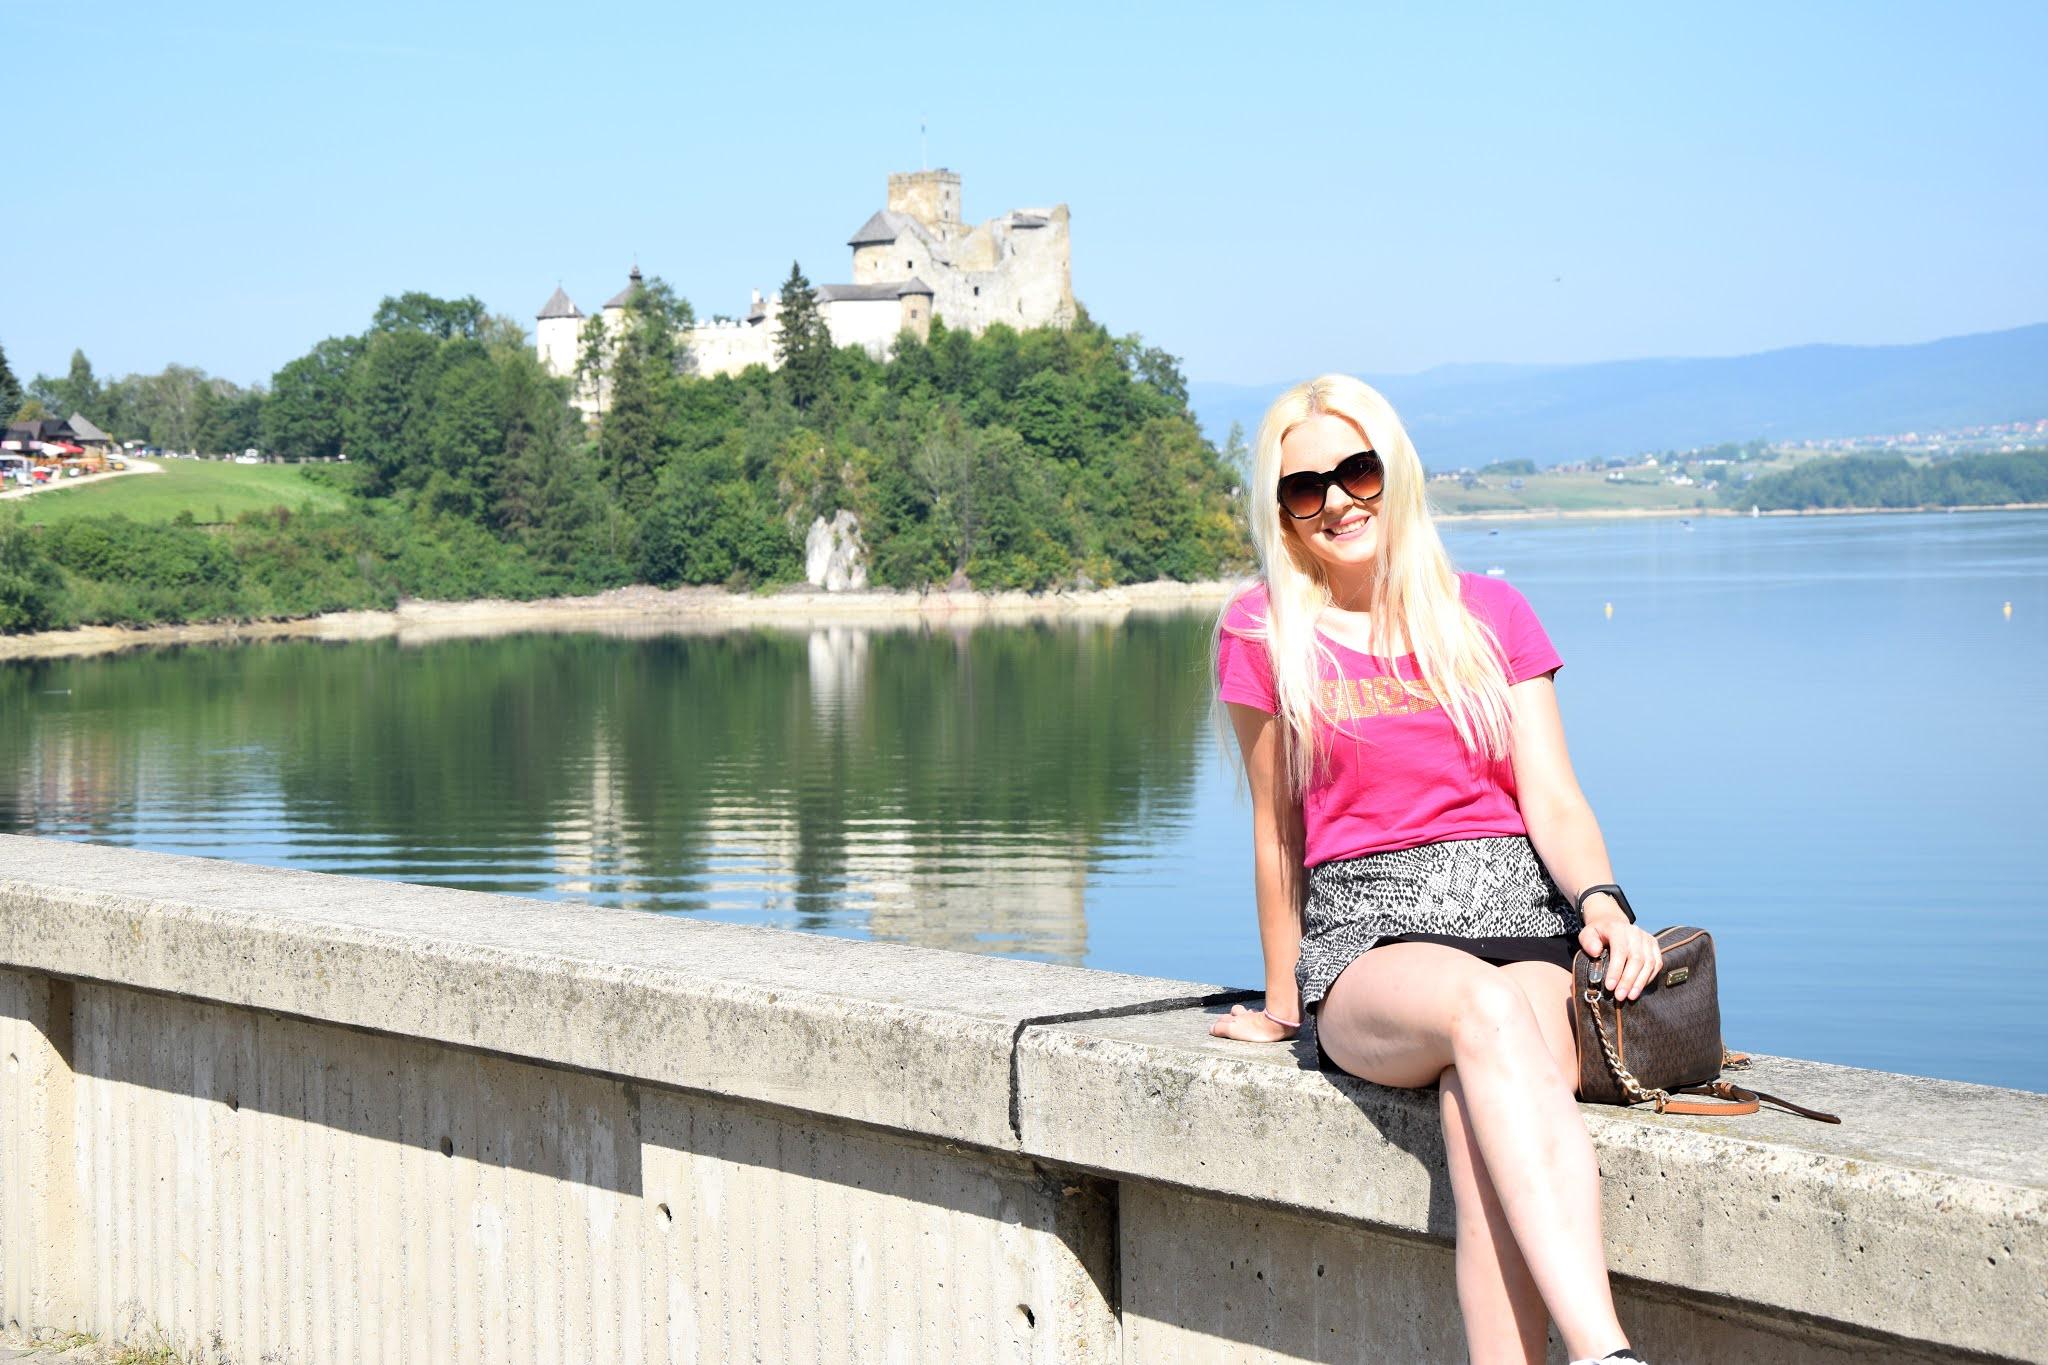 Niedzica, Niedzica Zamek, Zamek w Niedzicy, parking Niedzica, zapora Niedzica, rejs statkiem Niedzica, rejs statkiem Niedzica Czorsztyn, Czorsztyn, Zamek w Czorsztynie